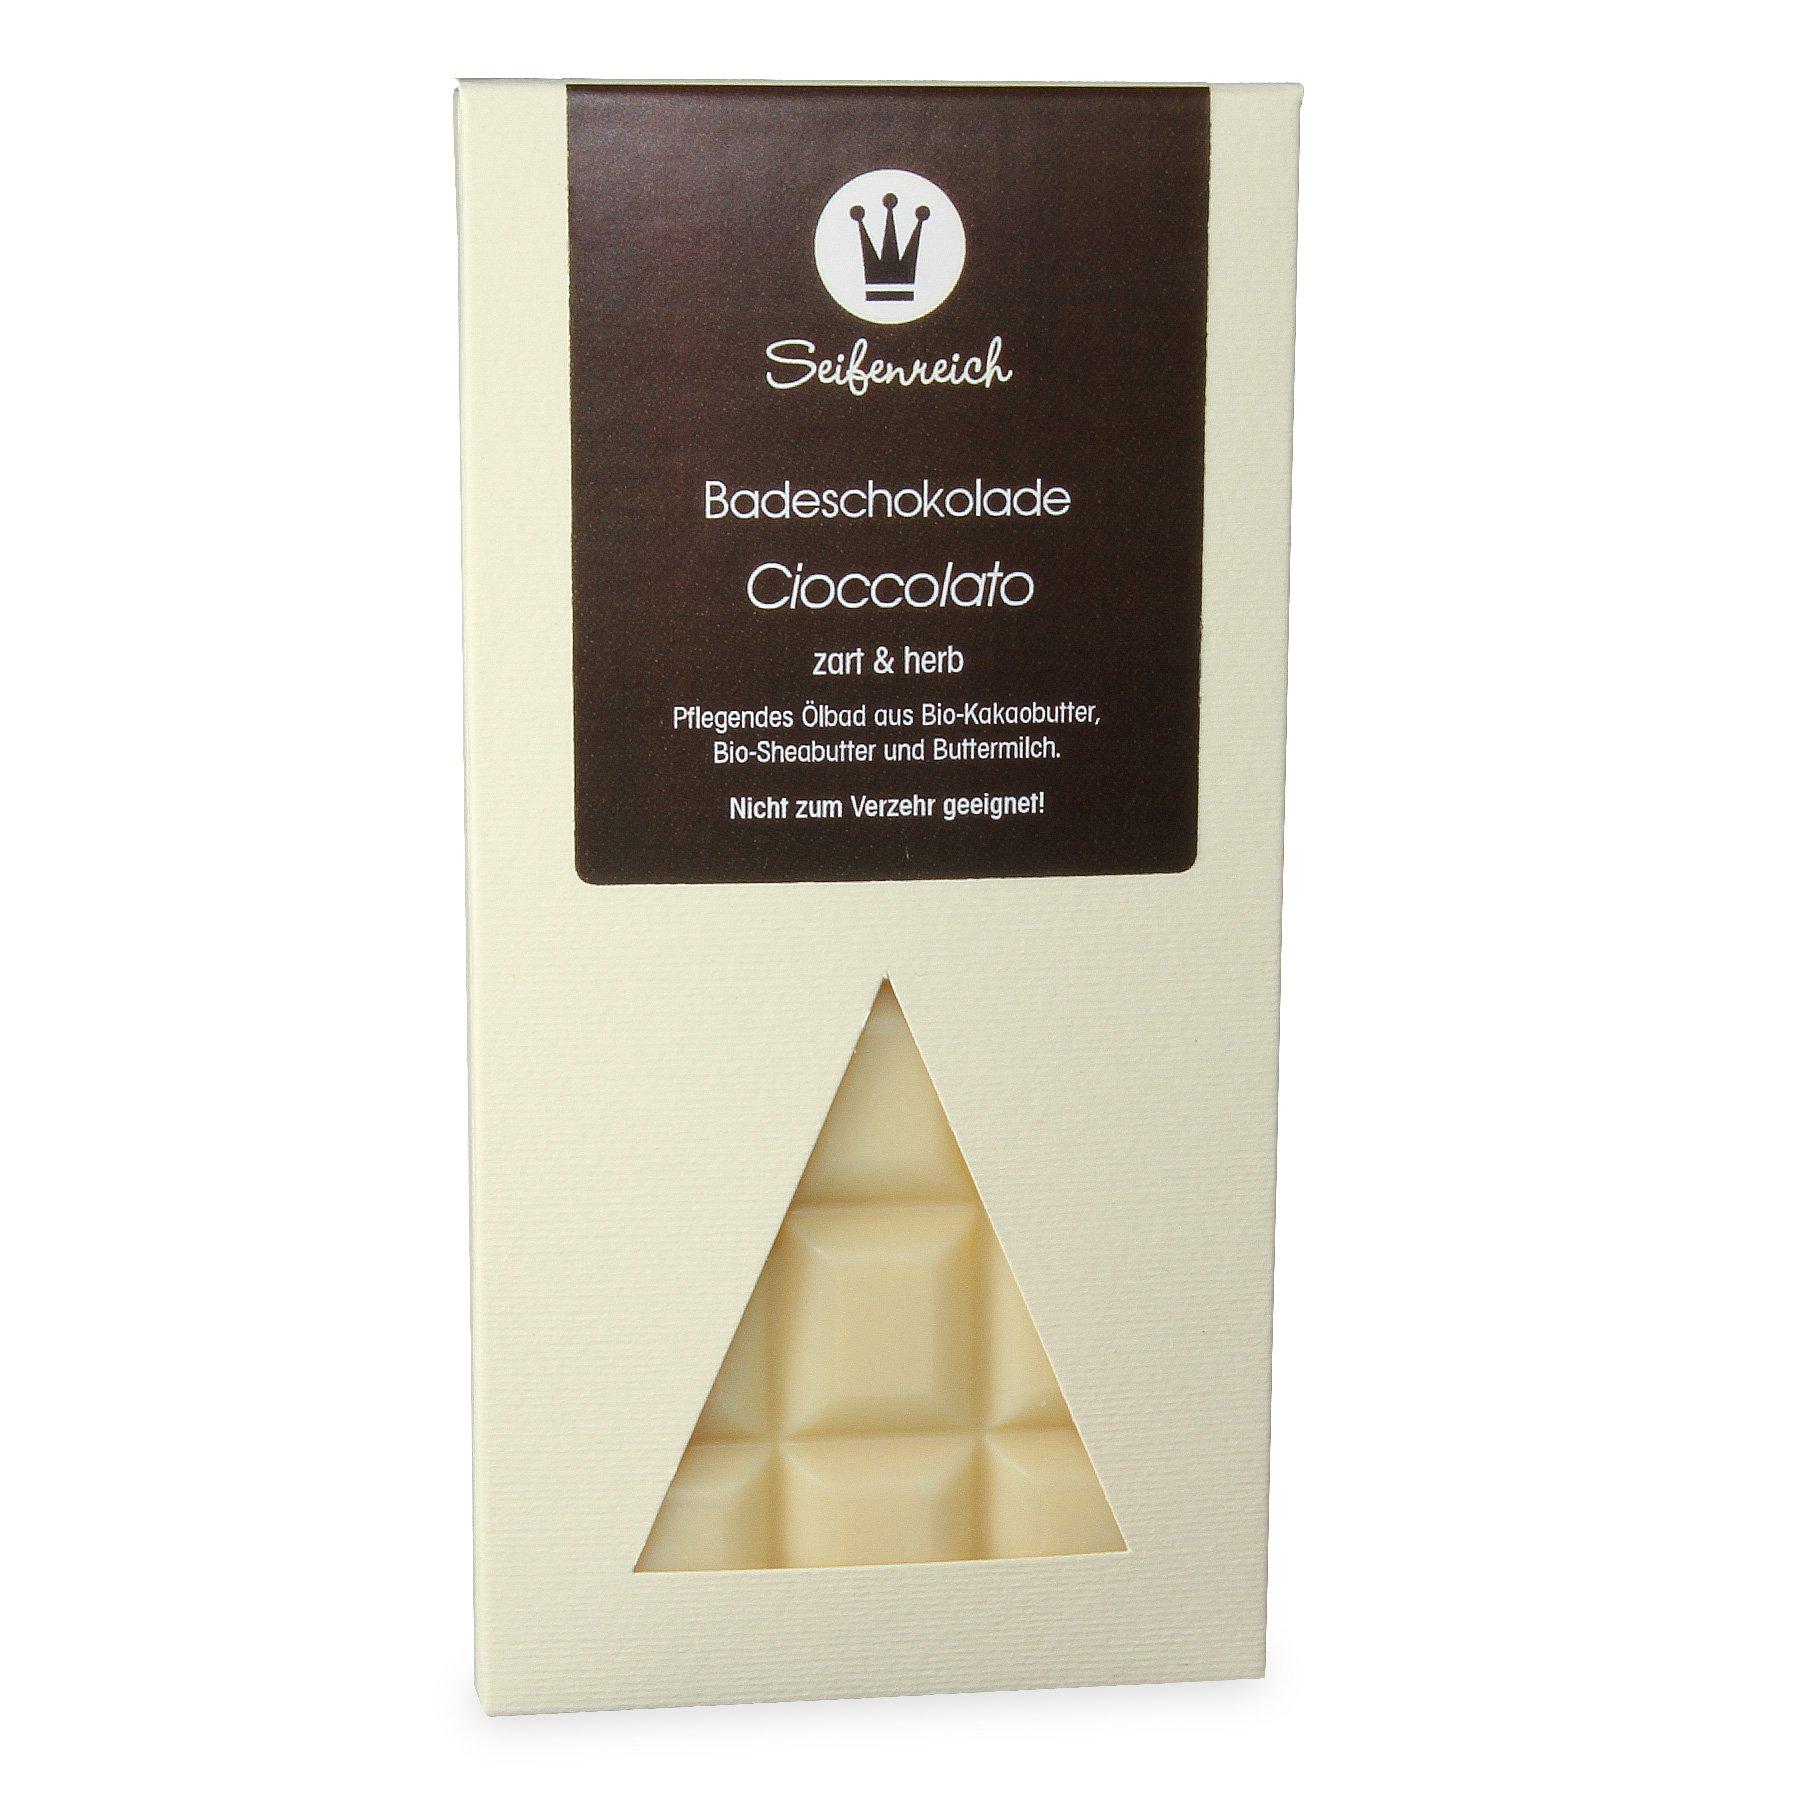 Seifenreich-Badeschokolade-Cioccolato